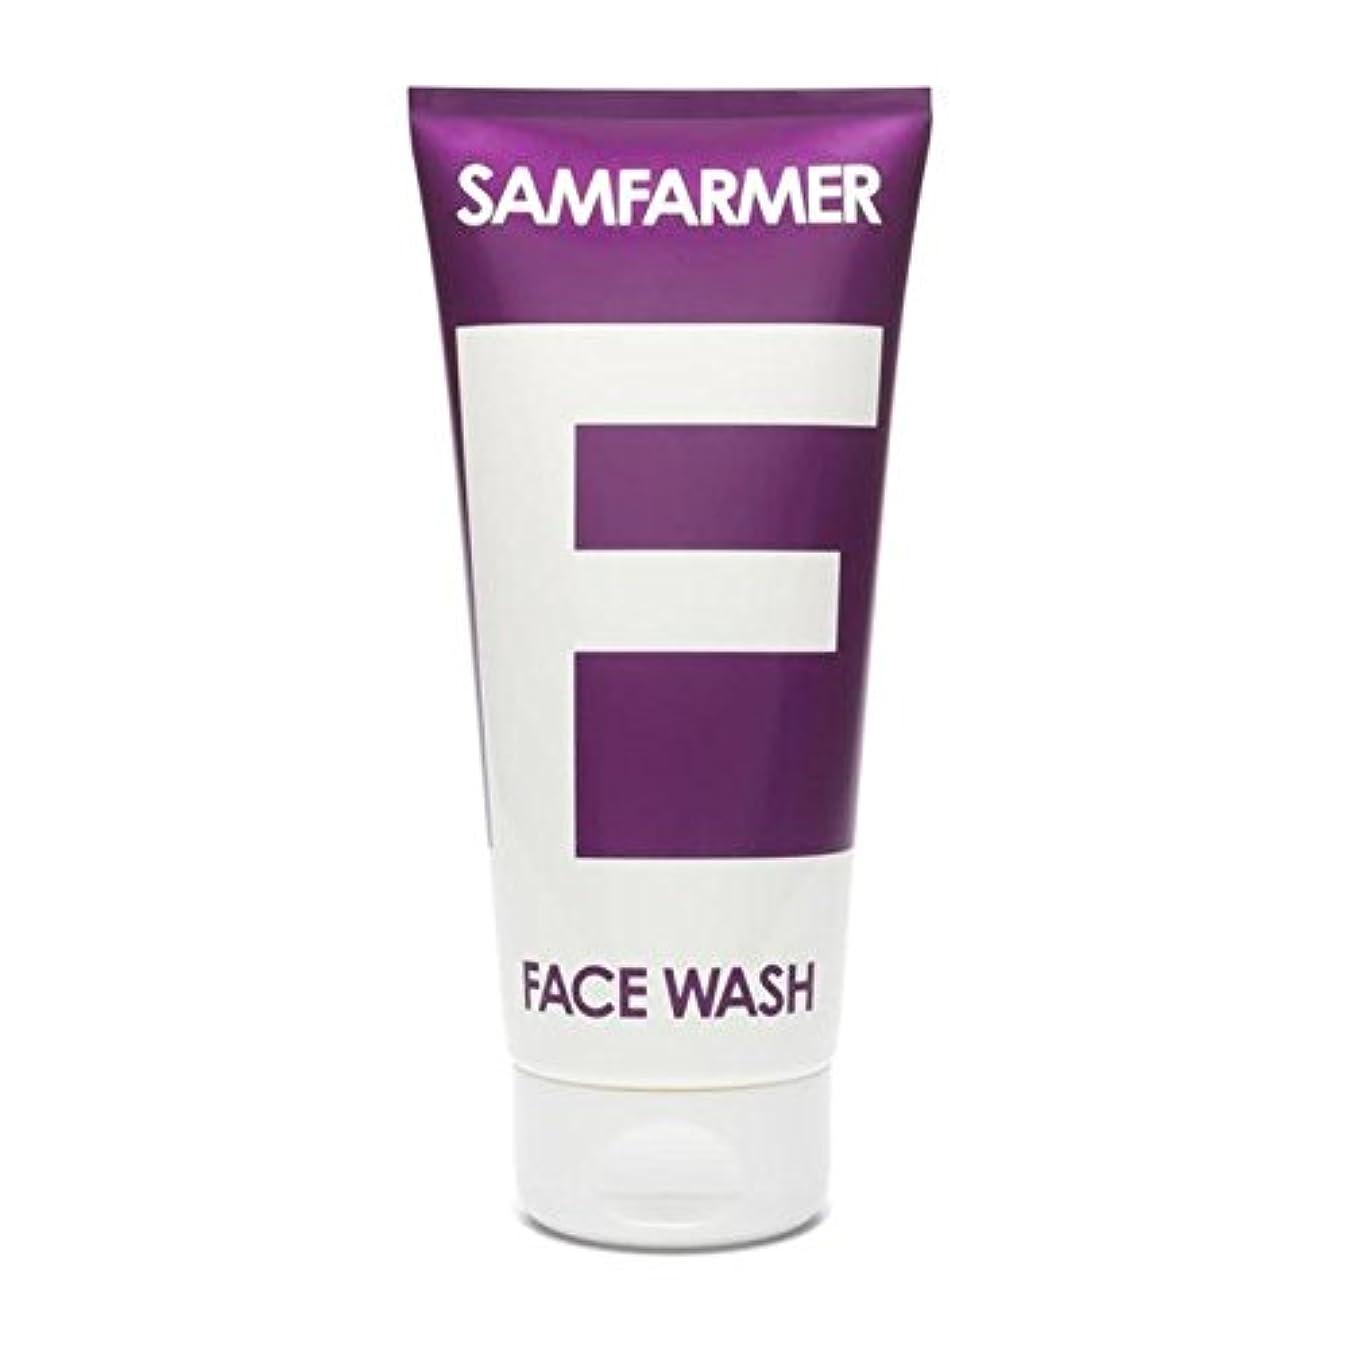 間欠キャリッジヒロイックユニセックスフェイスウォッシュ200ミリリットル x4 - SAMFARMER Unisex Face Wash 200ml (Pack of 4) [並行輸入品]